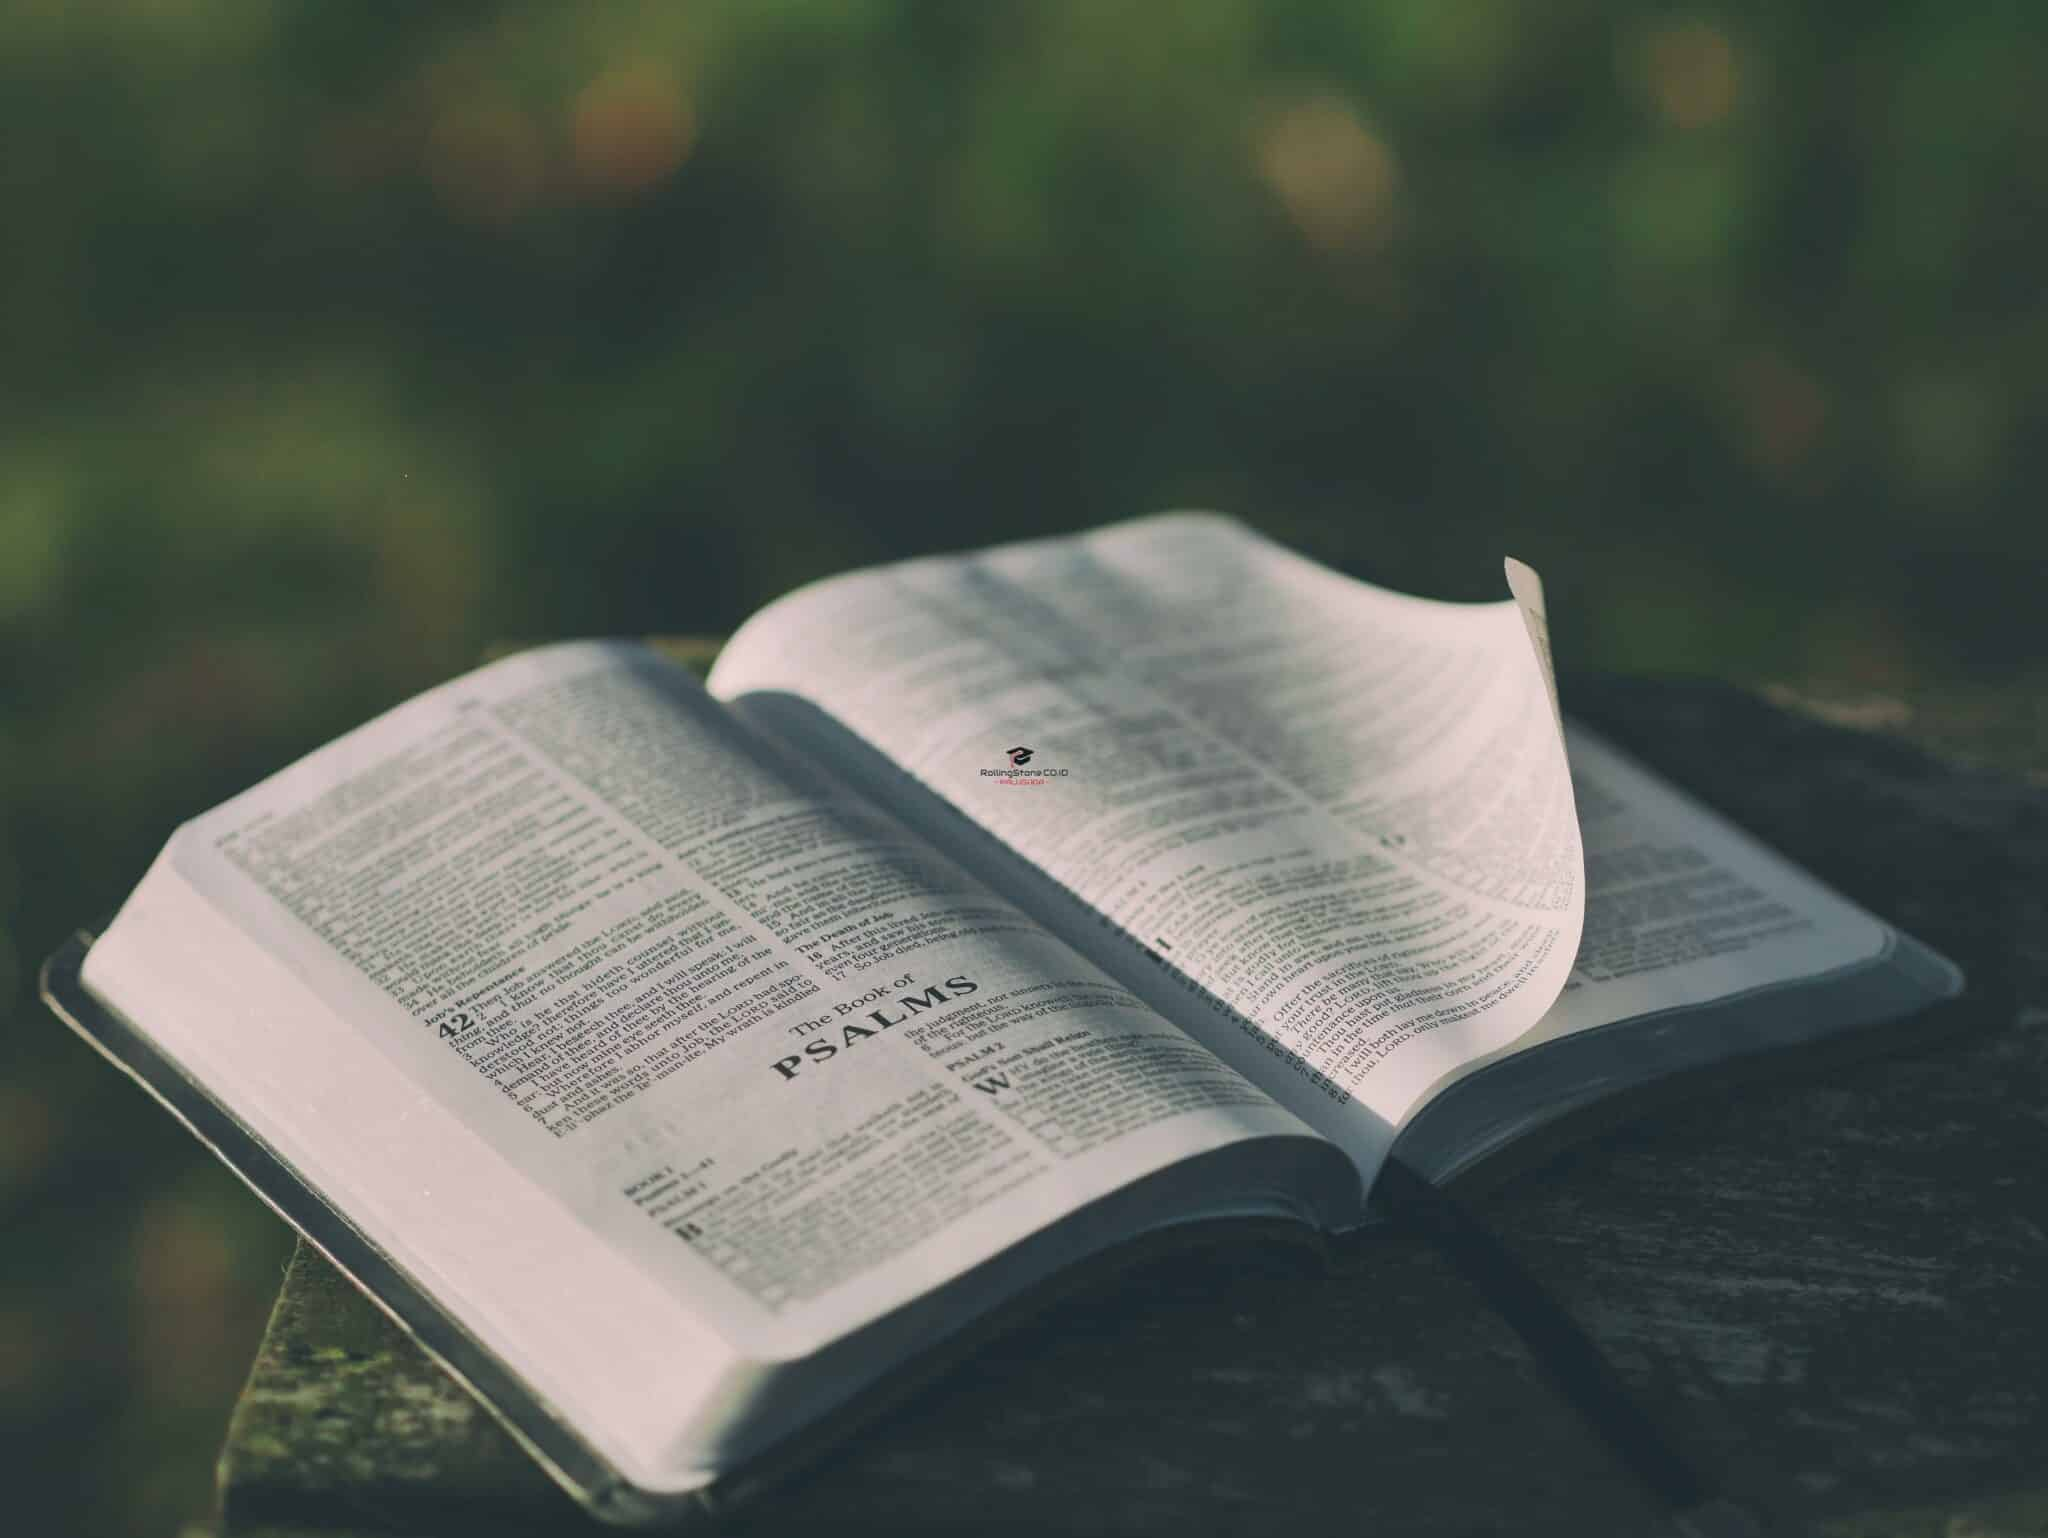 6 Contoh Karya Tulis Ilmiah Yang Baik Dan Benar Berdasarkan Kbbi